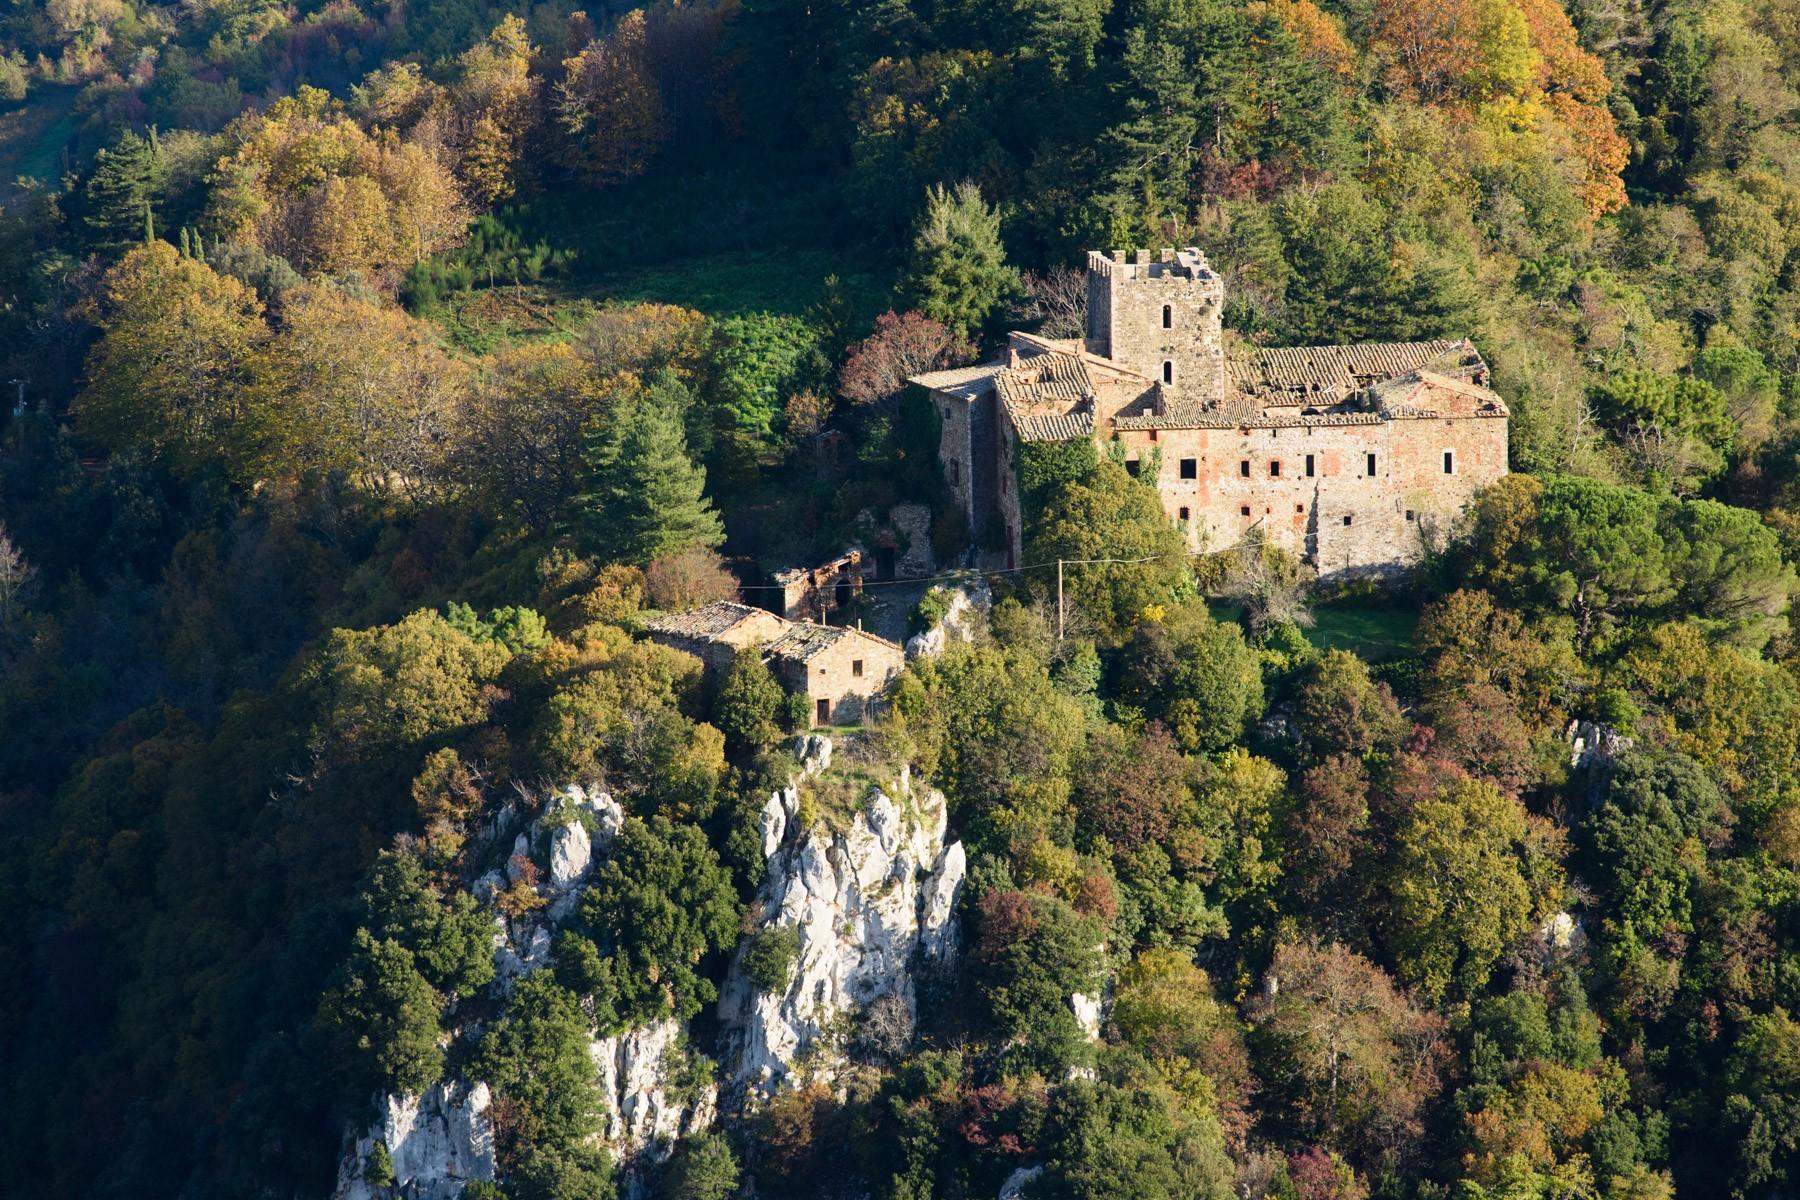 Castello medioevale con riserva di caccia, azienda vitivinicola e coloniche